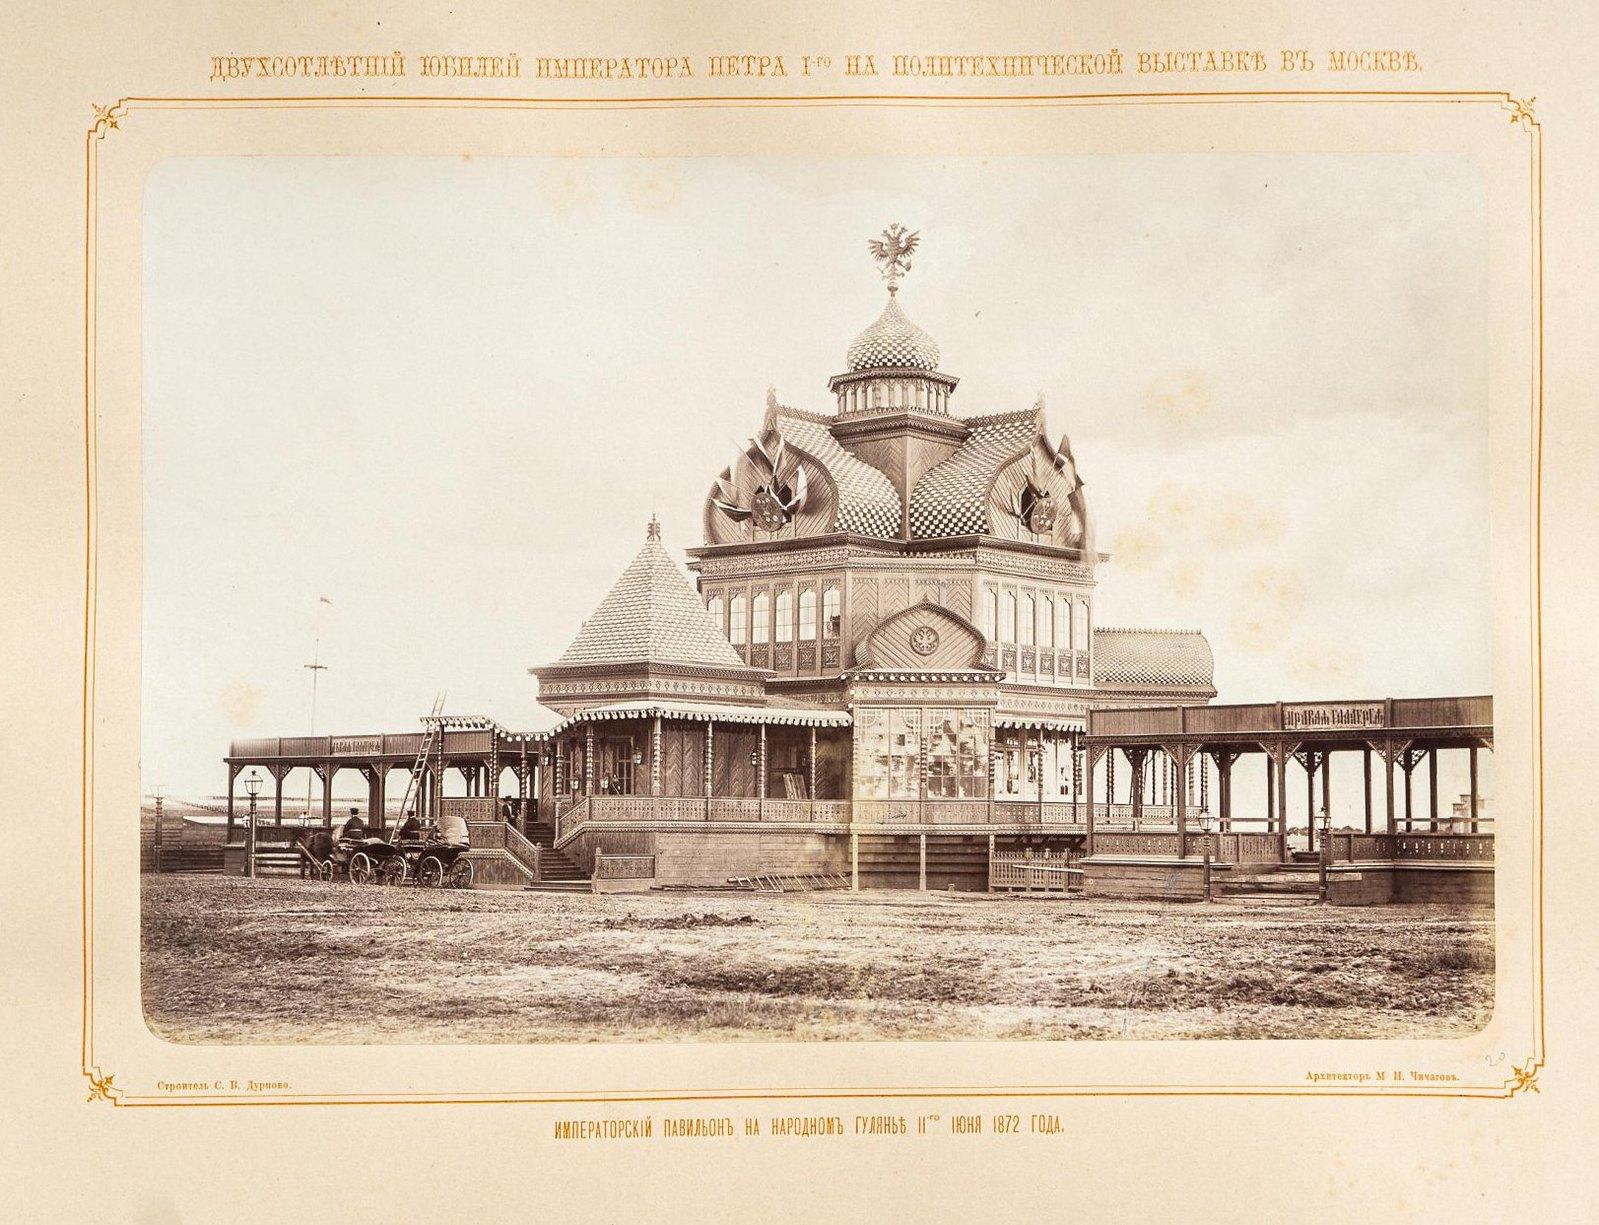 16. Царский павильон на народном гулянье 11 июня 1872